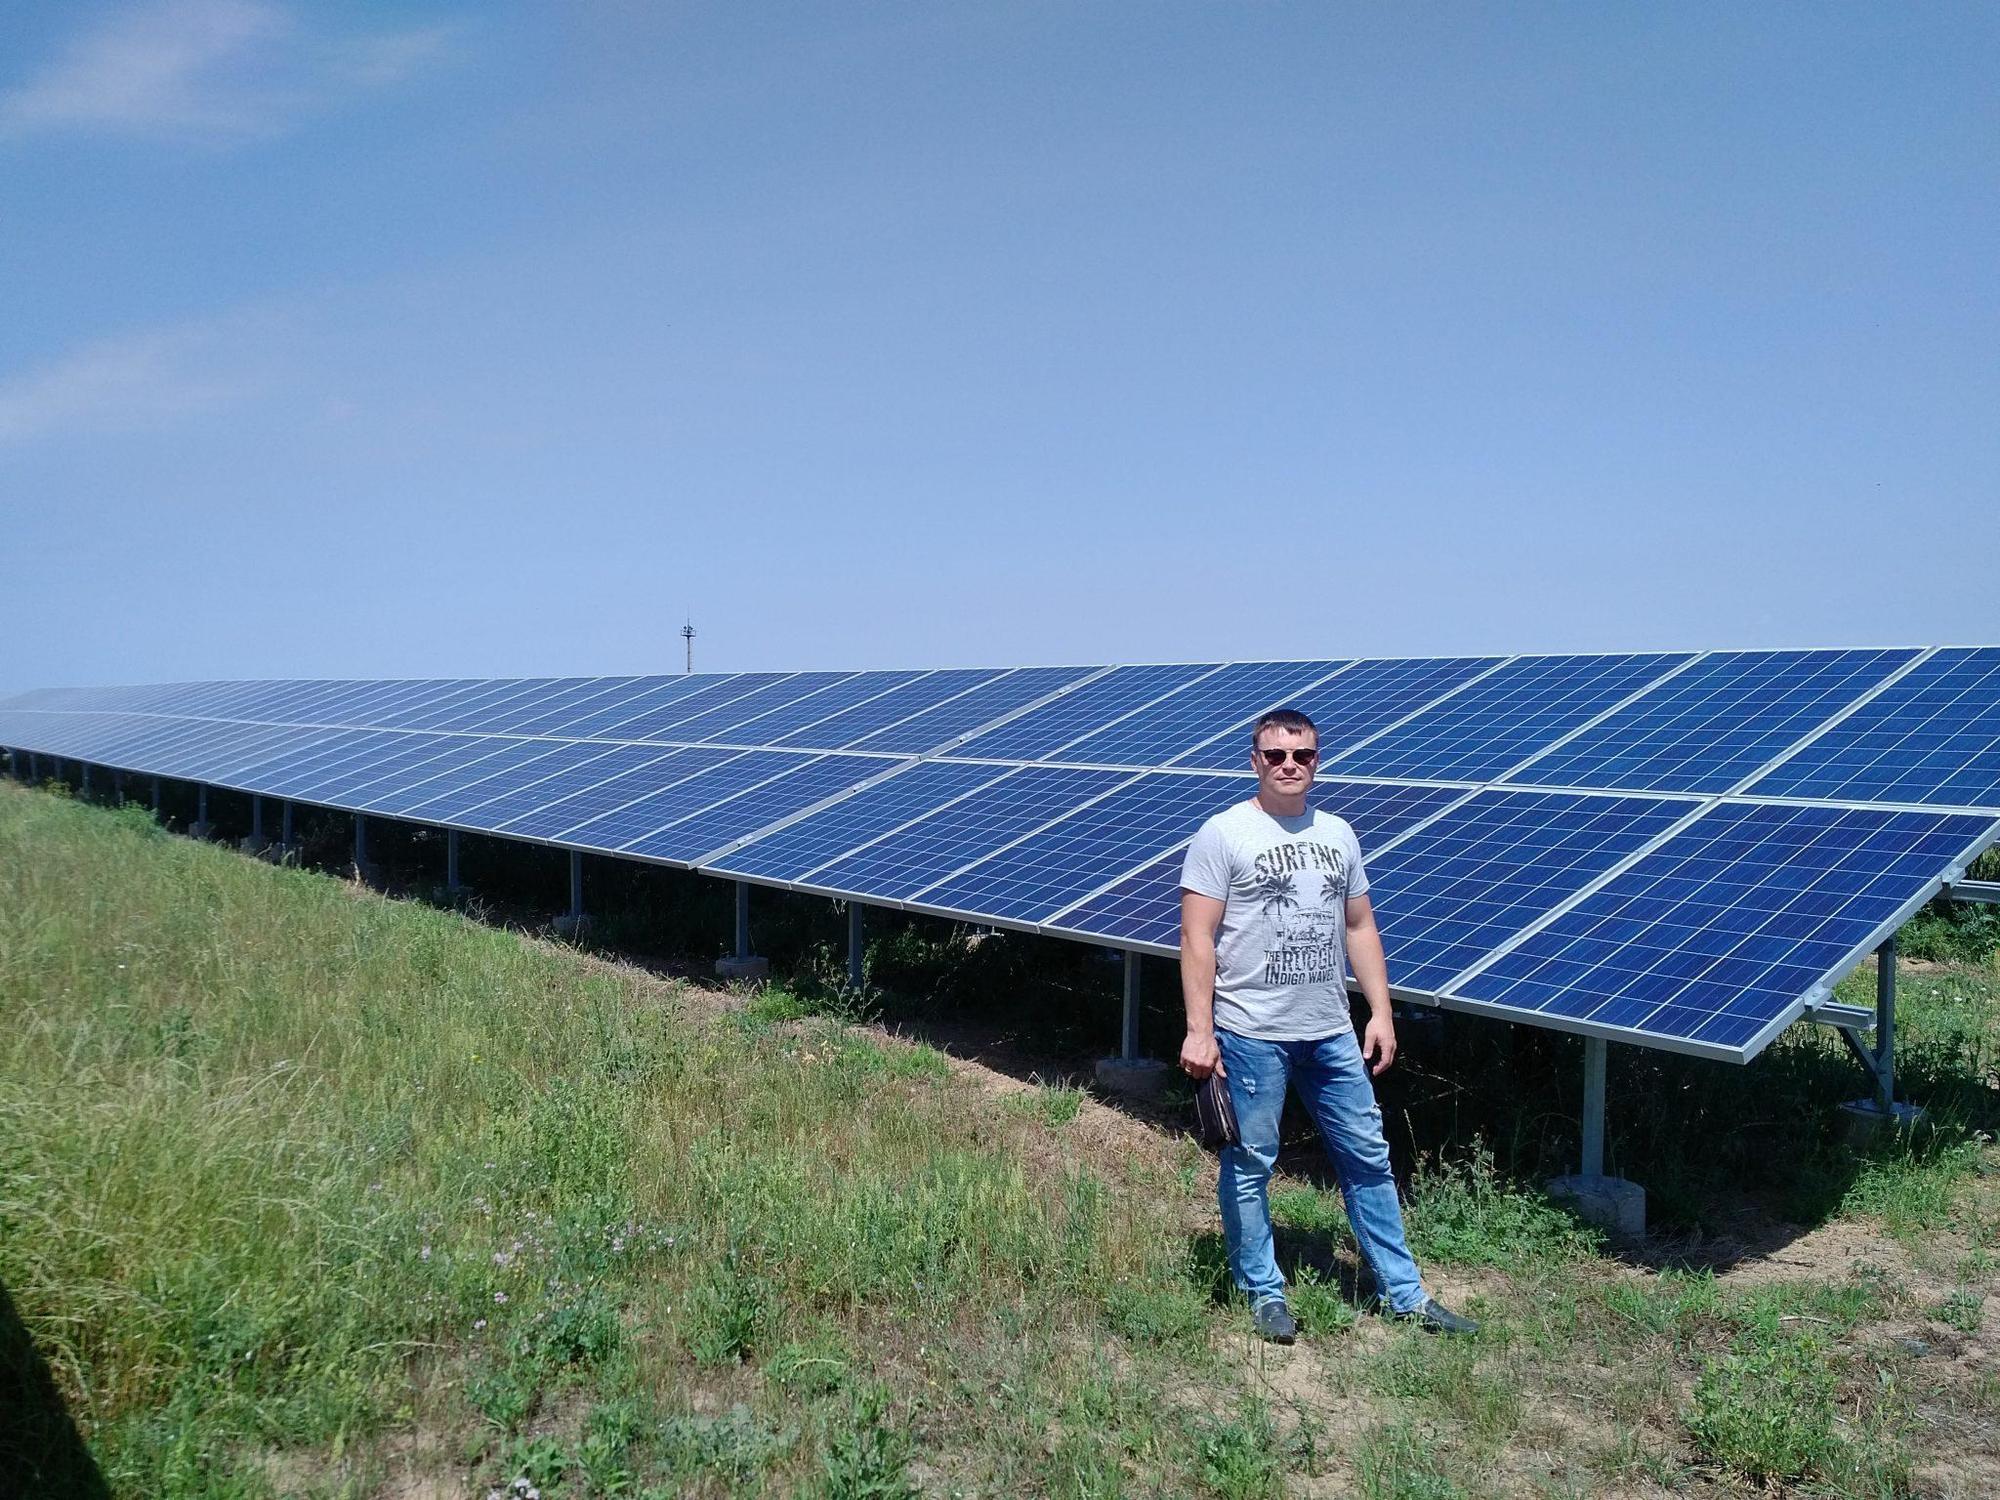 сонячні батареї, продаж сонячних батарей, продаж сонячних панелей, сонячні панелі, зелена енергетика, зелений тариф